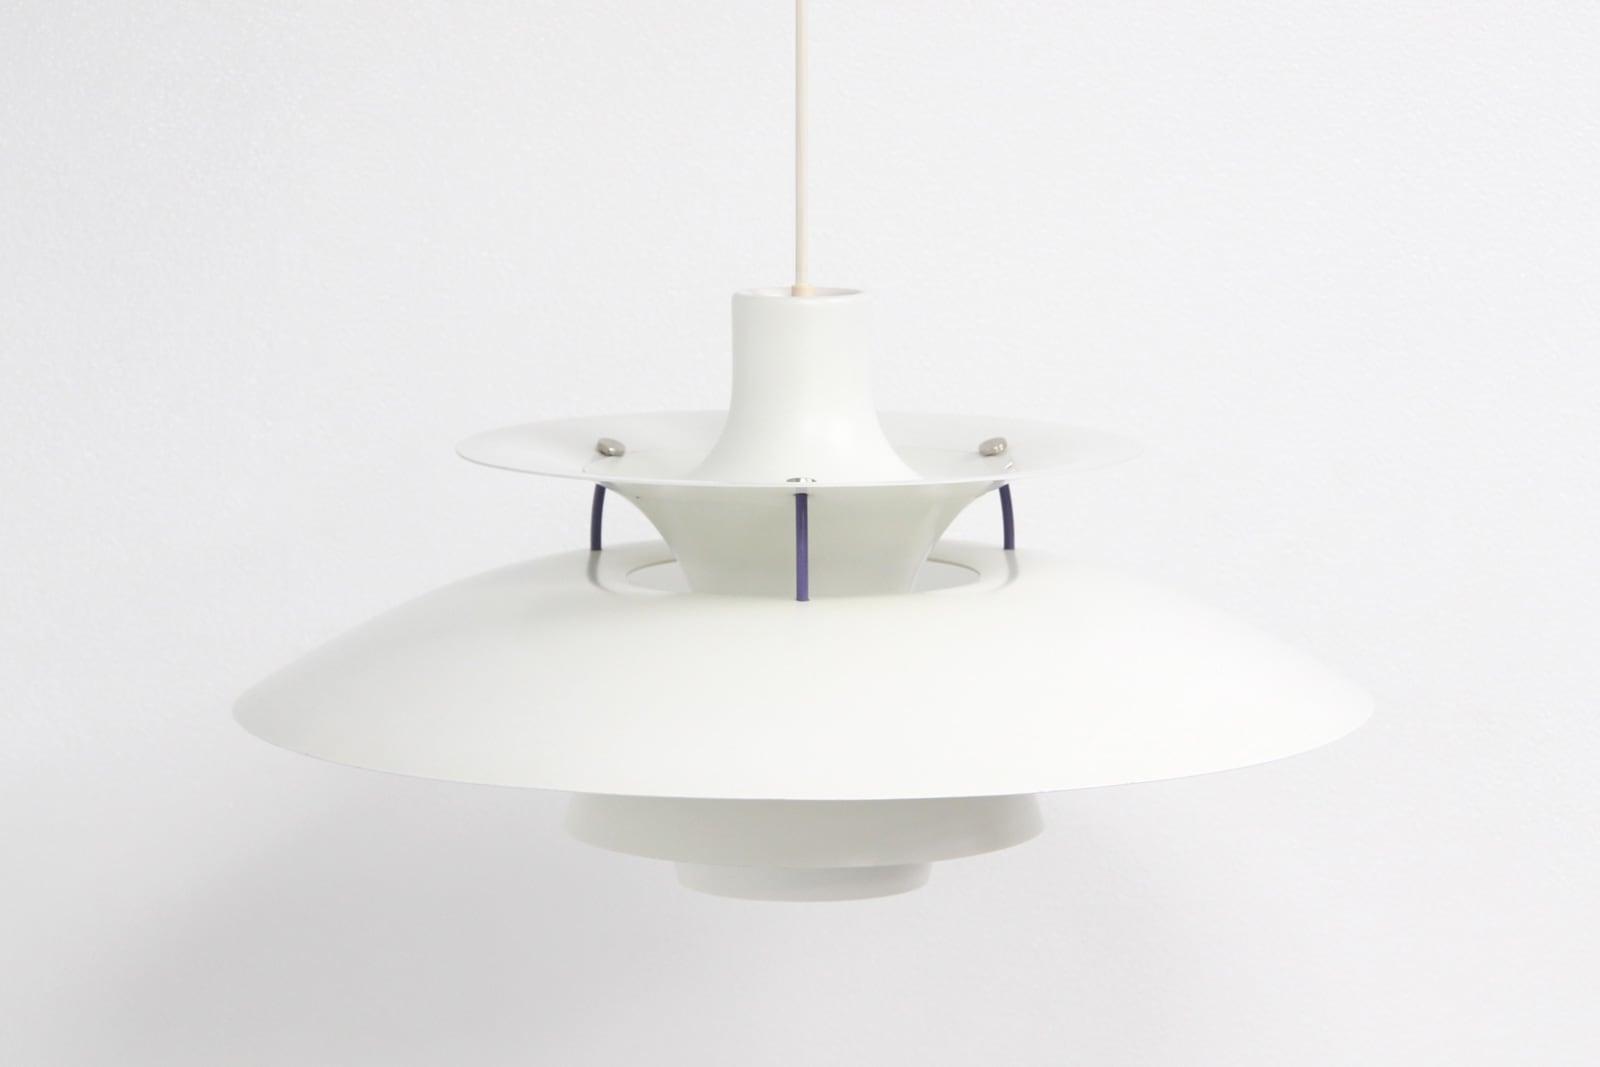 PH5,ホワイト,ルイスポールセン,デザイナーズ,北欧,照明